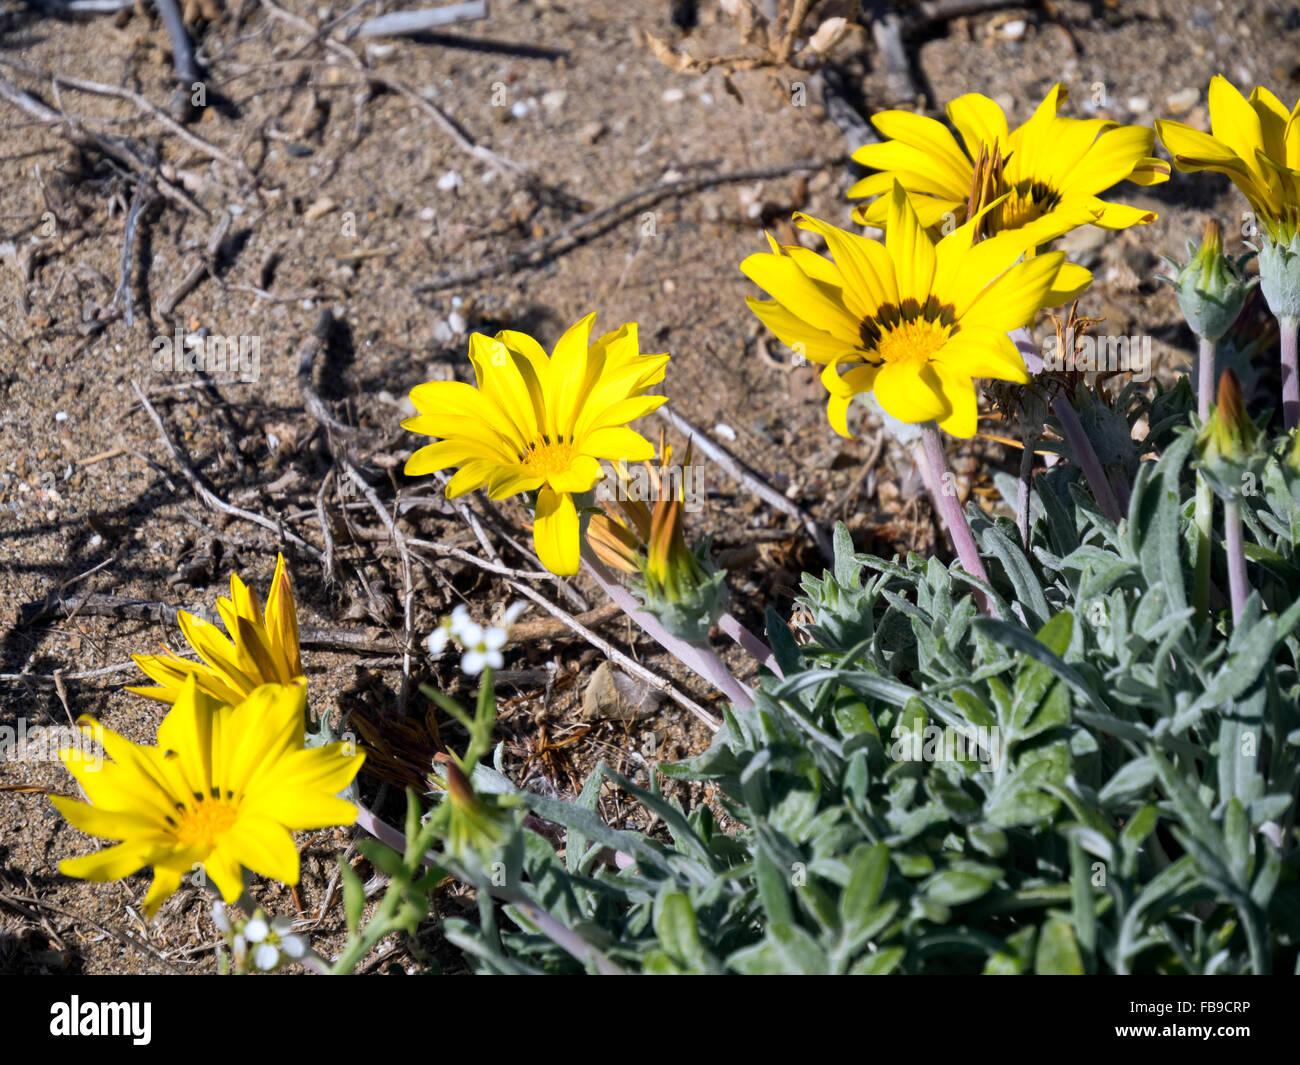 Goldmünze, Mittelmeer Strand Daisy (Asteriscus Maritimus, Bubonium Maritimum) Stockbild